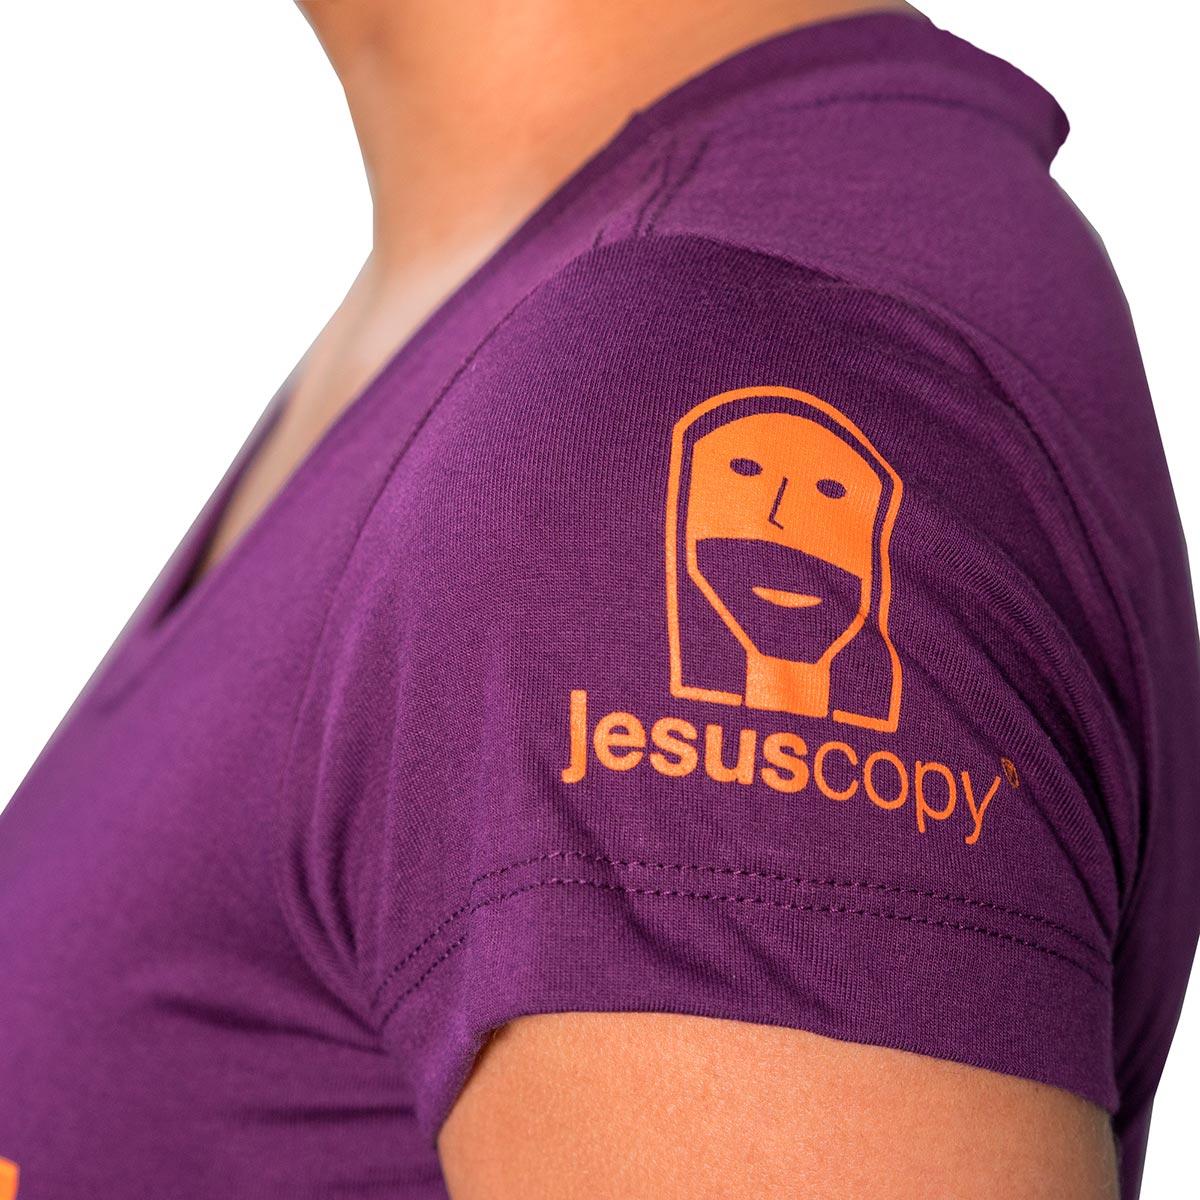 Camiseta  JESUSCOPY Roxa Feminina - #REINODEPONTACABEÇA  - Jesuscopy